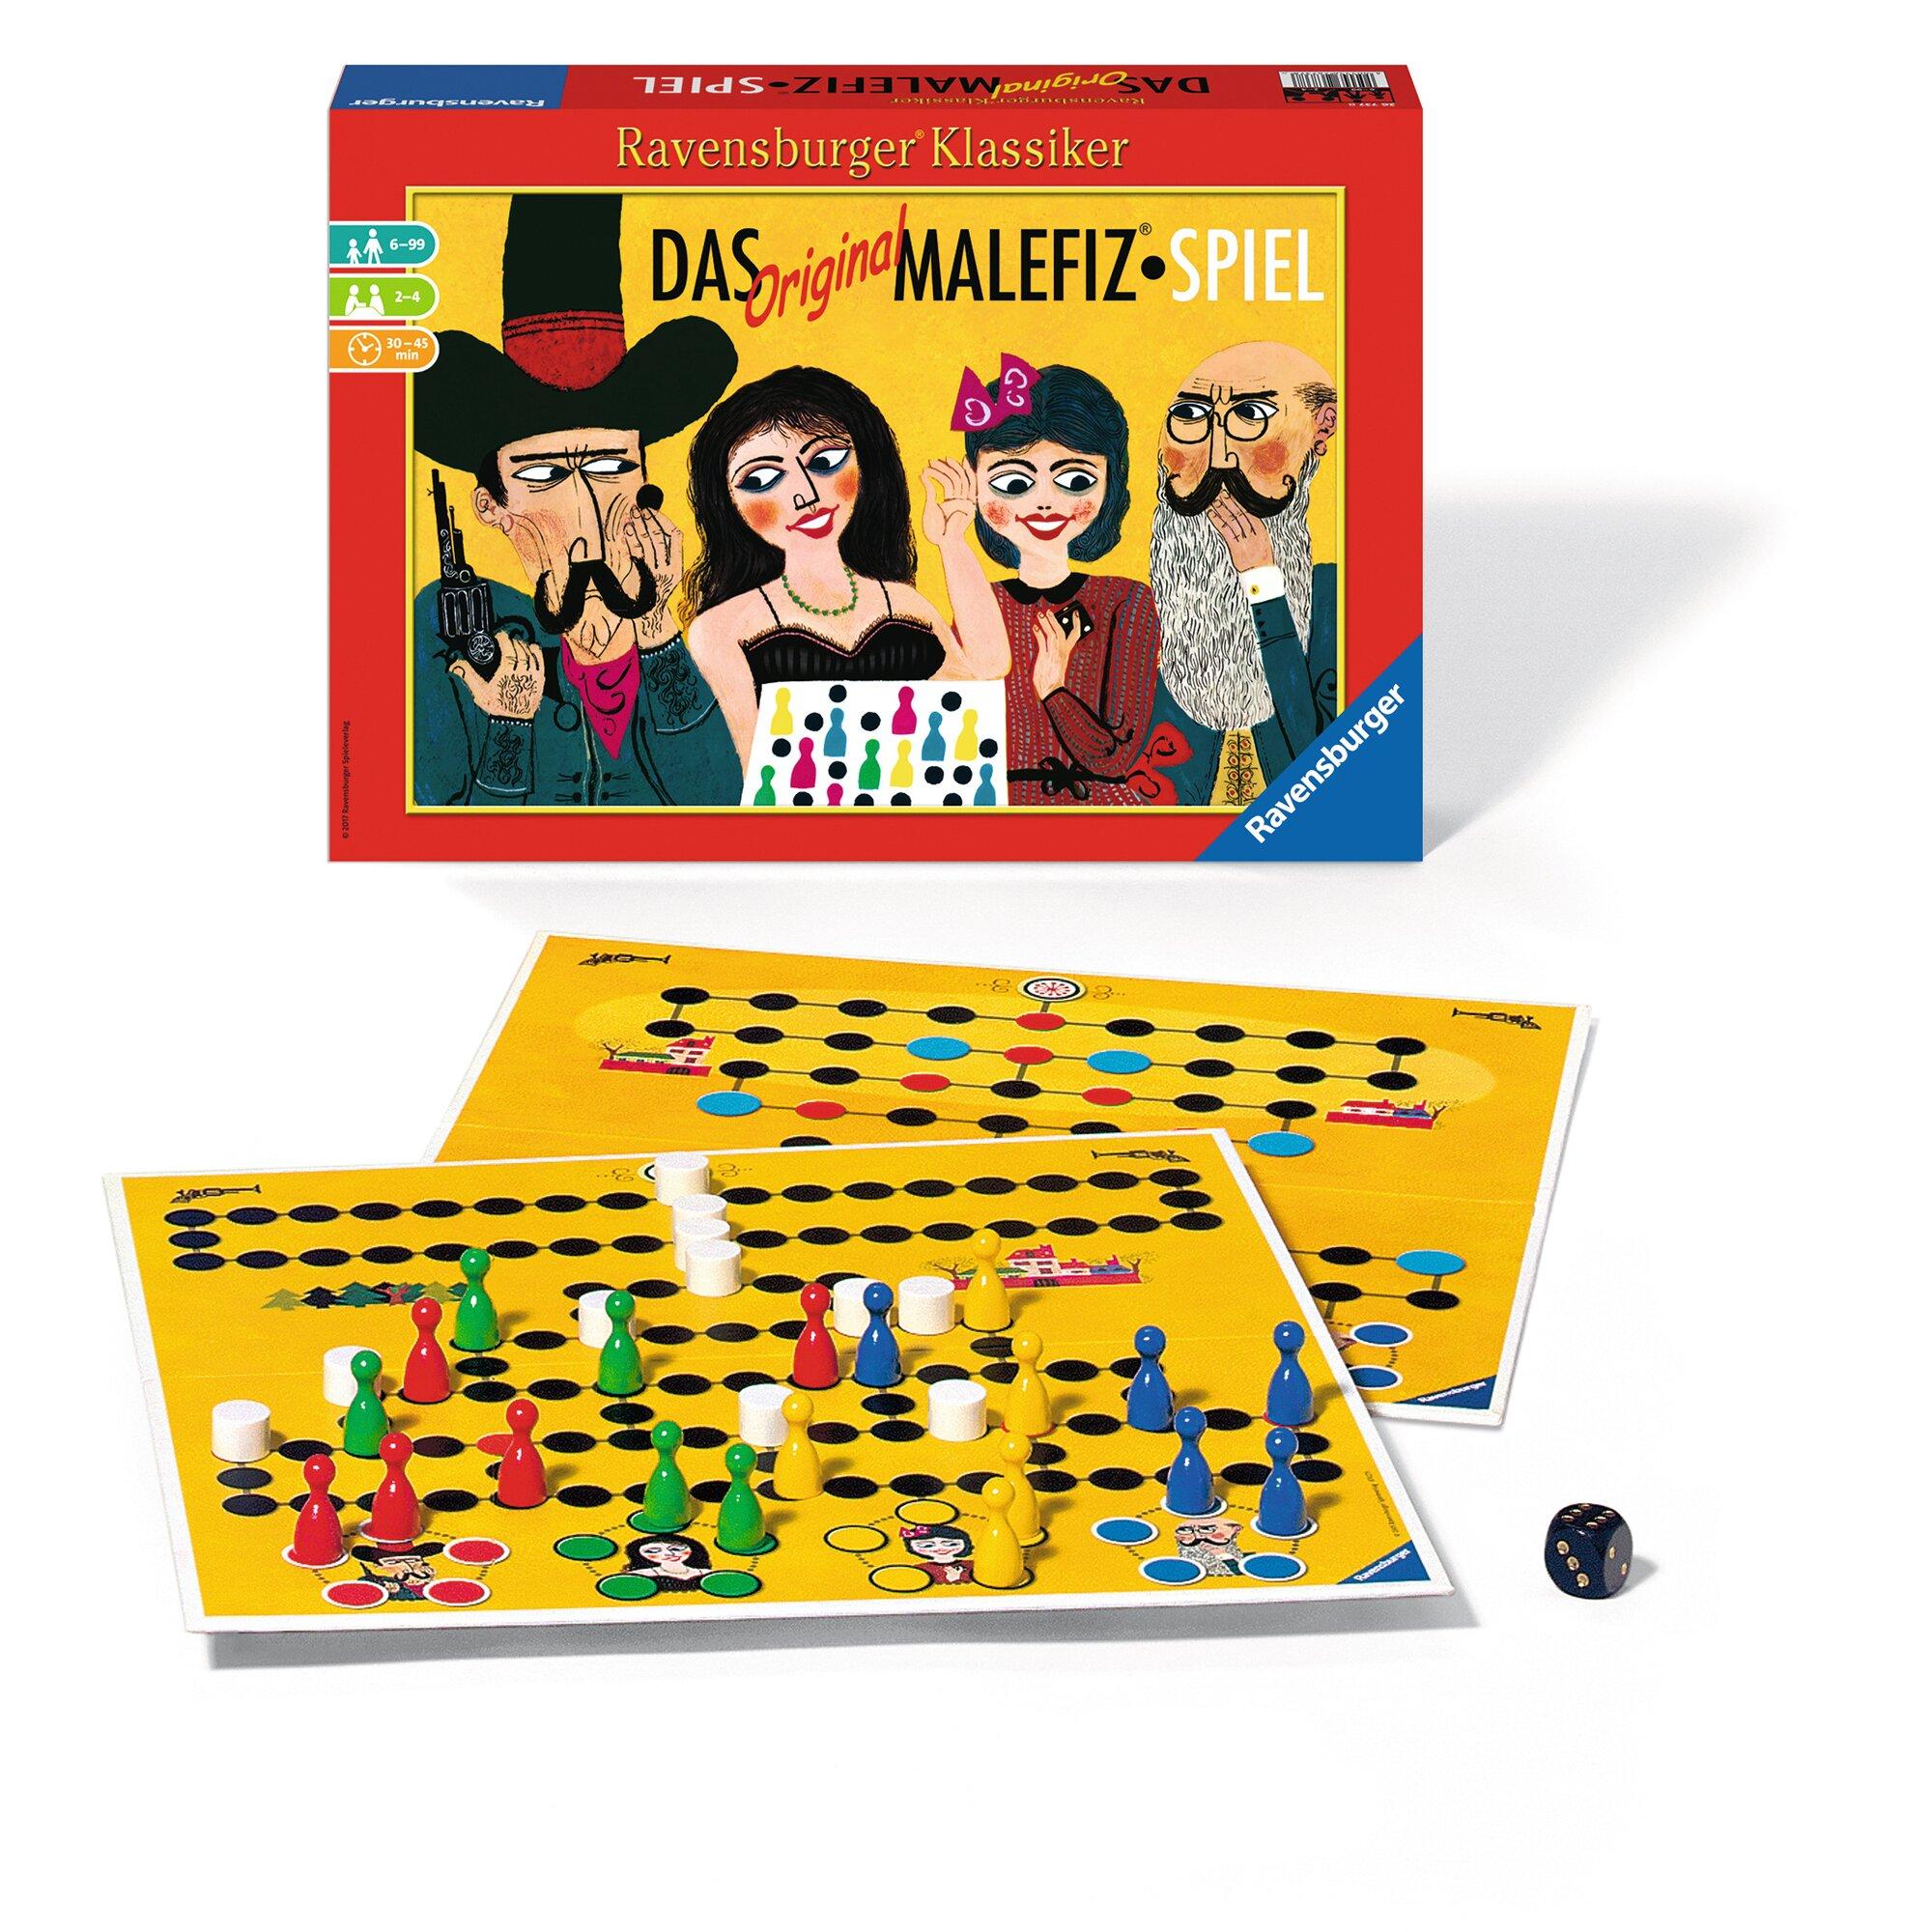 ravensburger-das-original-malefiz-spiel-wurfellaufspiel, 19.99 EUR @ babywalz-de